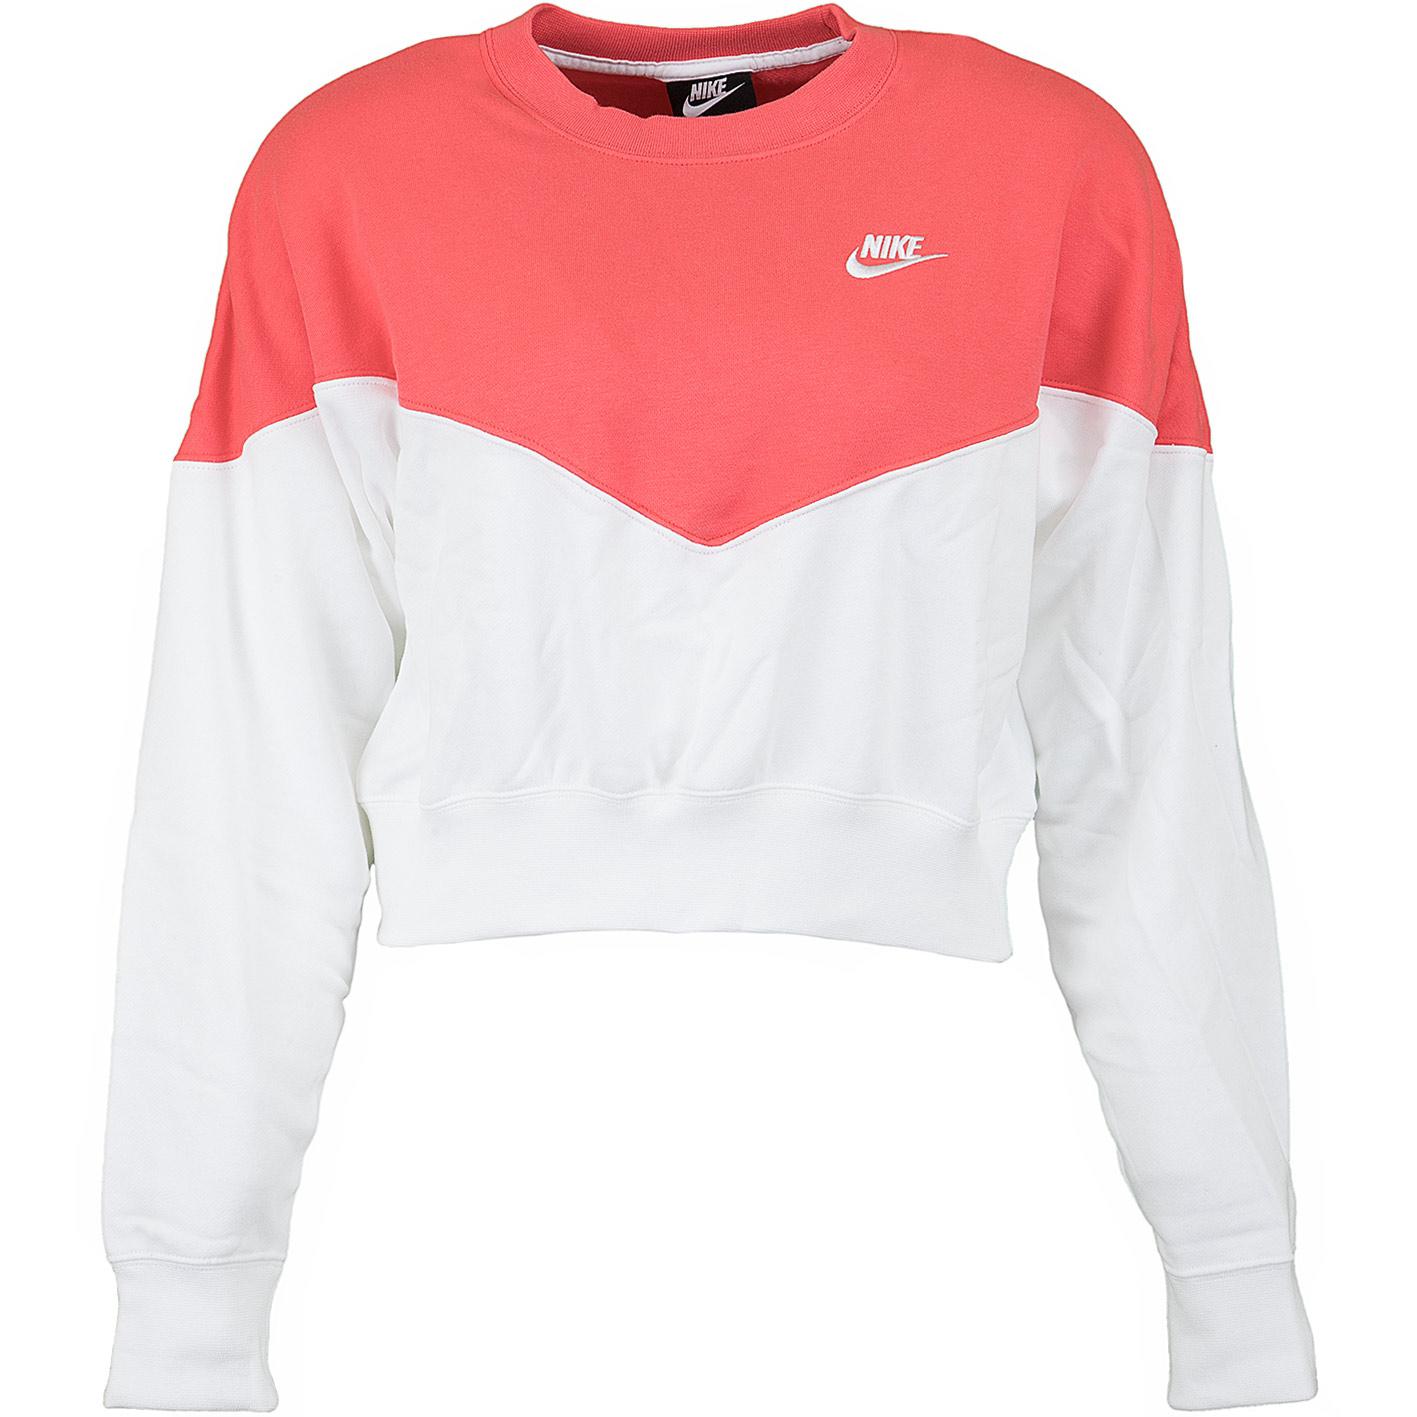 c231e3637ce6a7 ☆ Nike Damen Sweatshirt Heritage Fleece weiß/rot - hier bestellen!